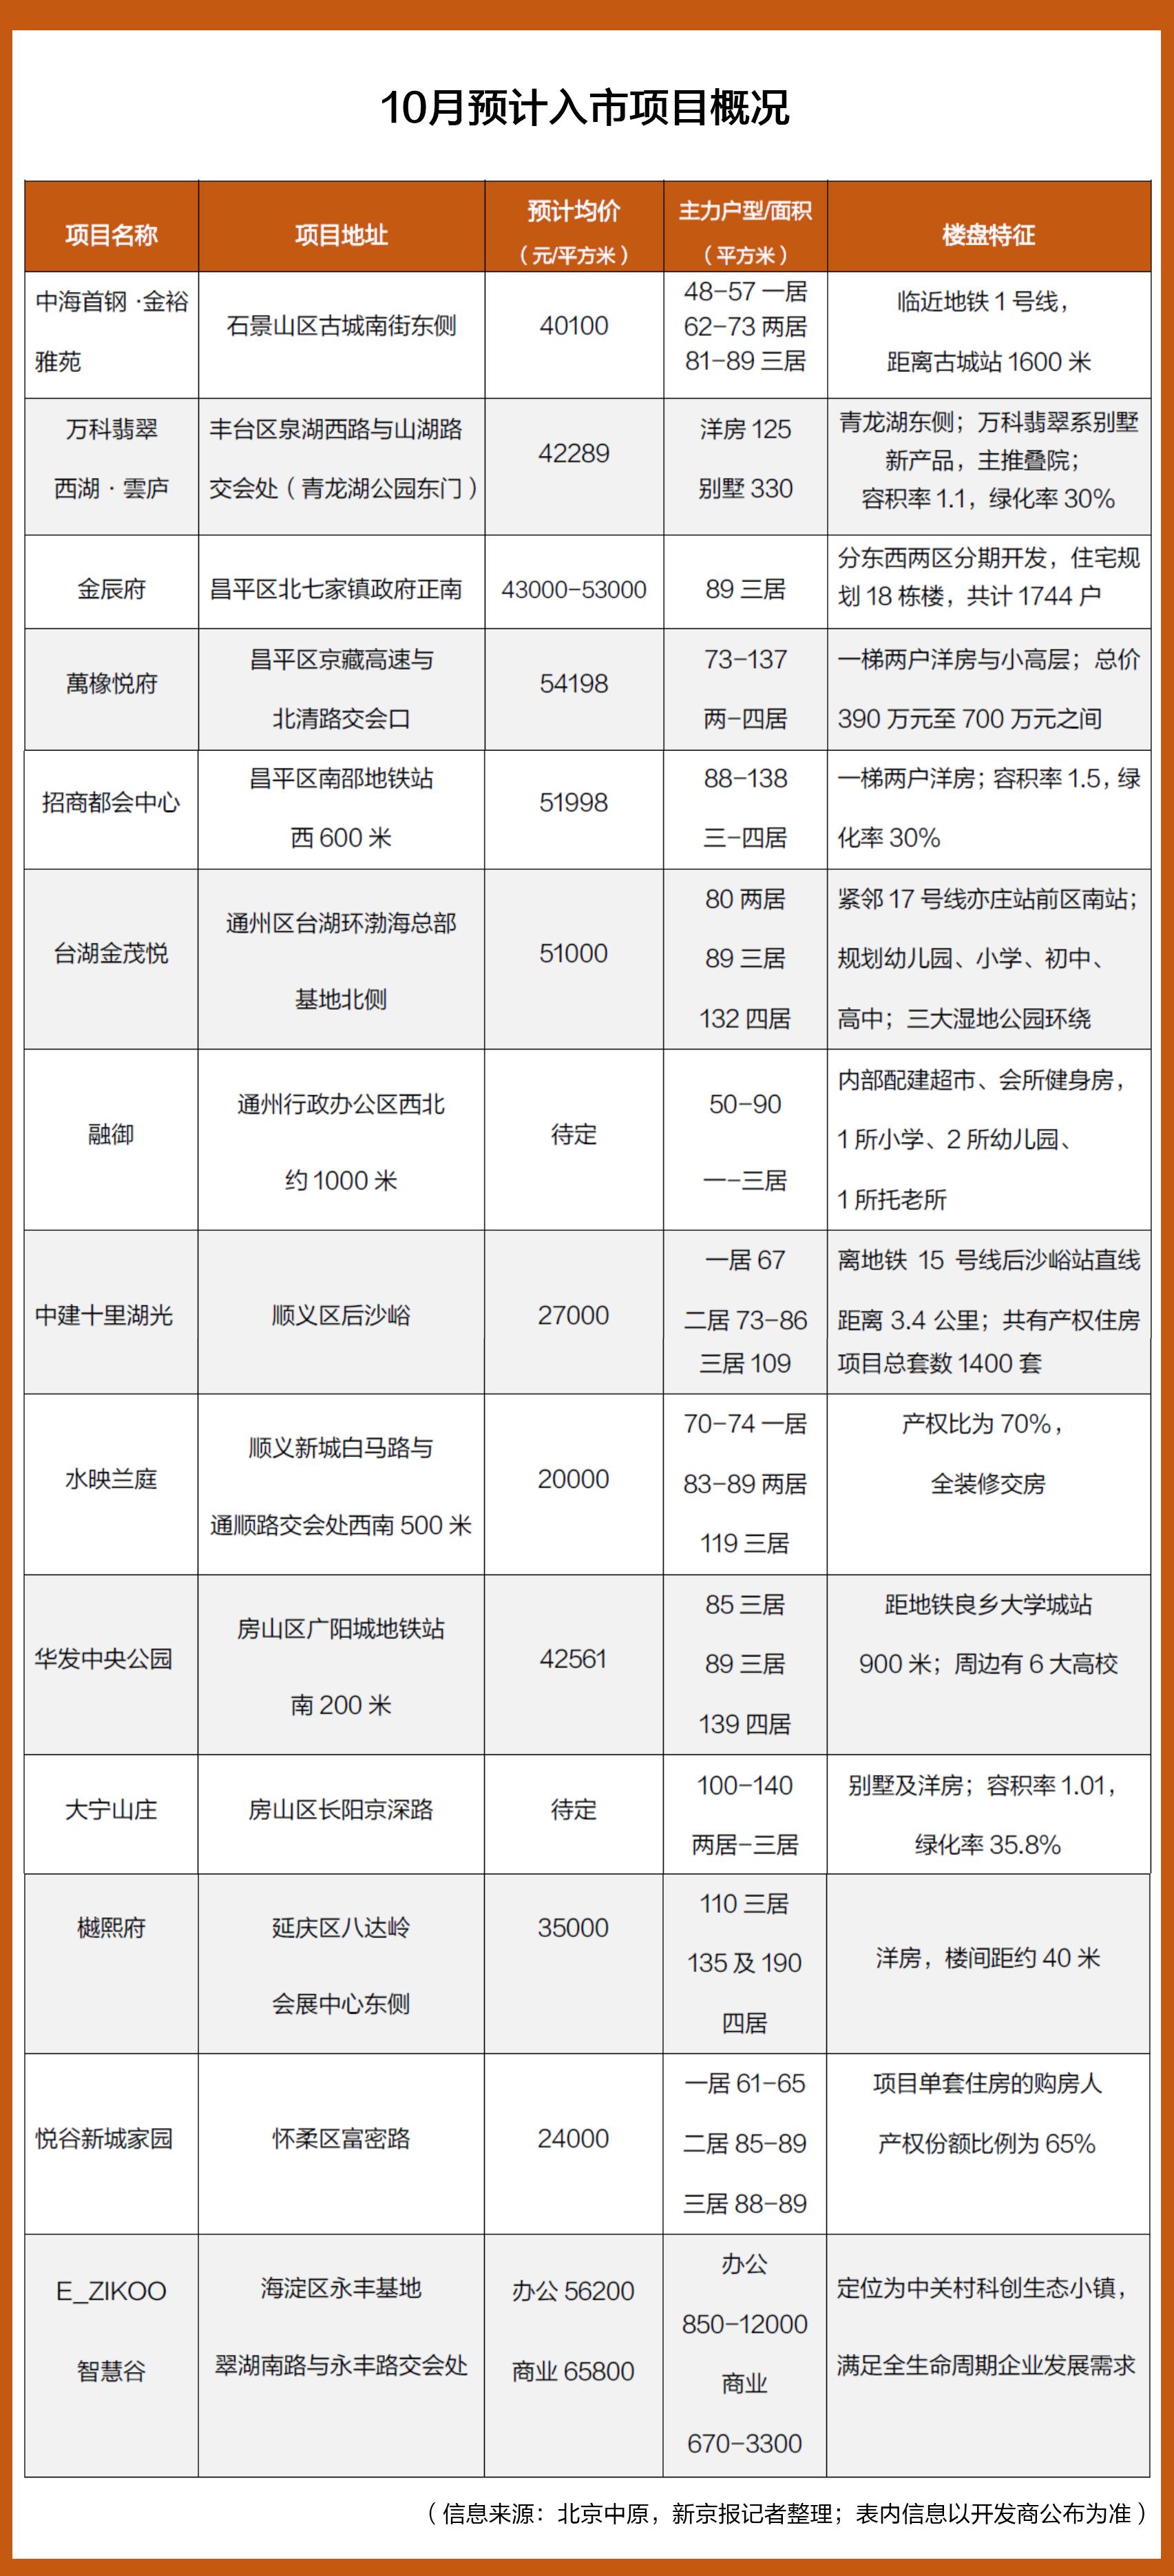 北京继续发布大风蓝色预警 阵风可达7级